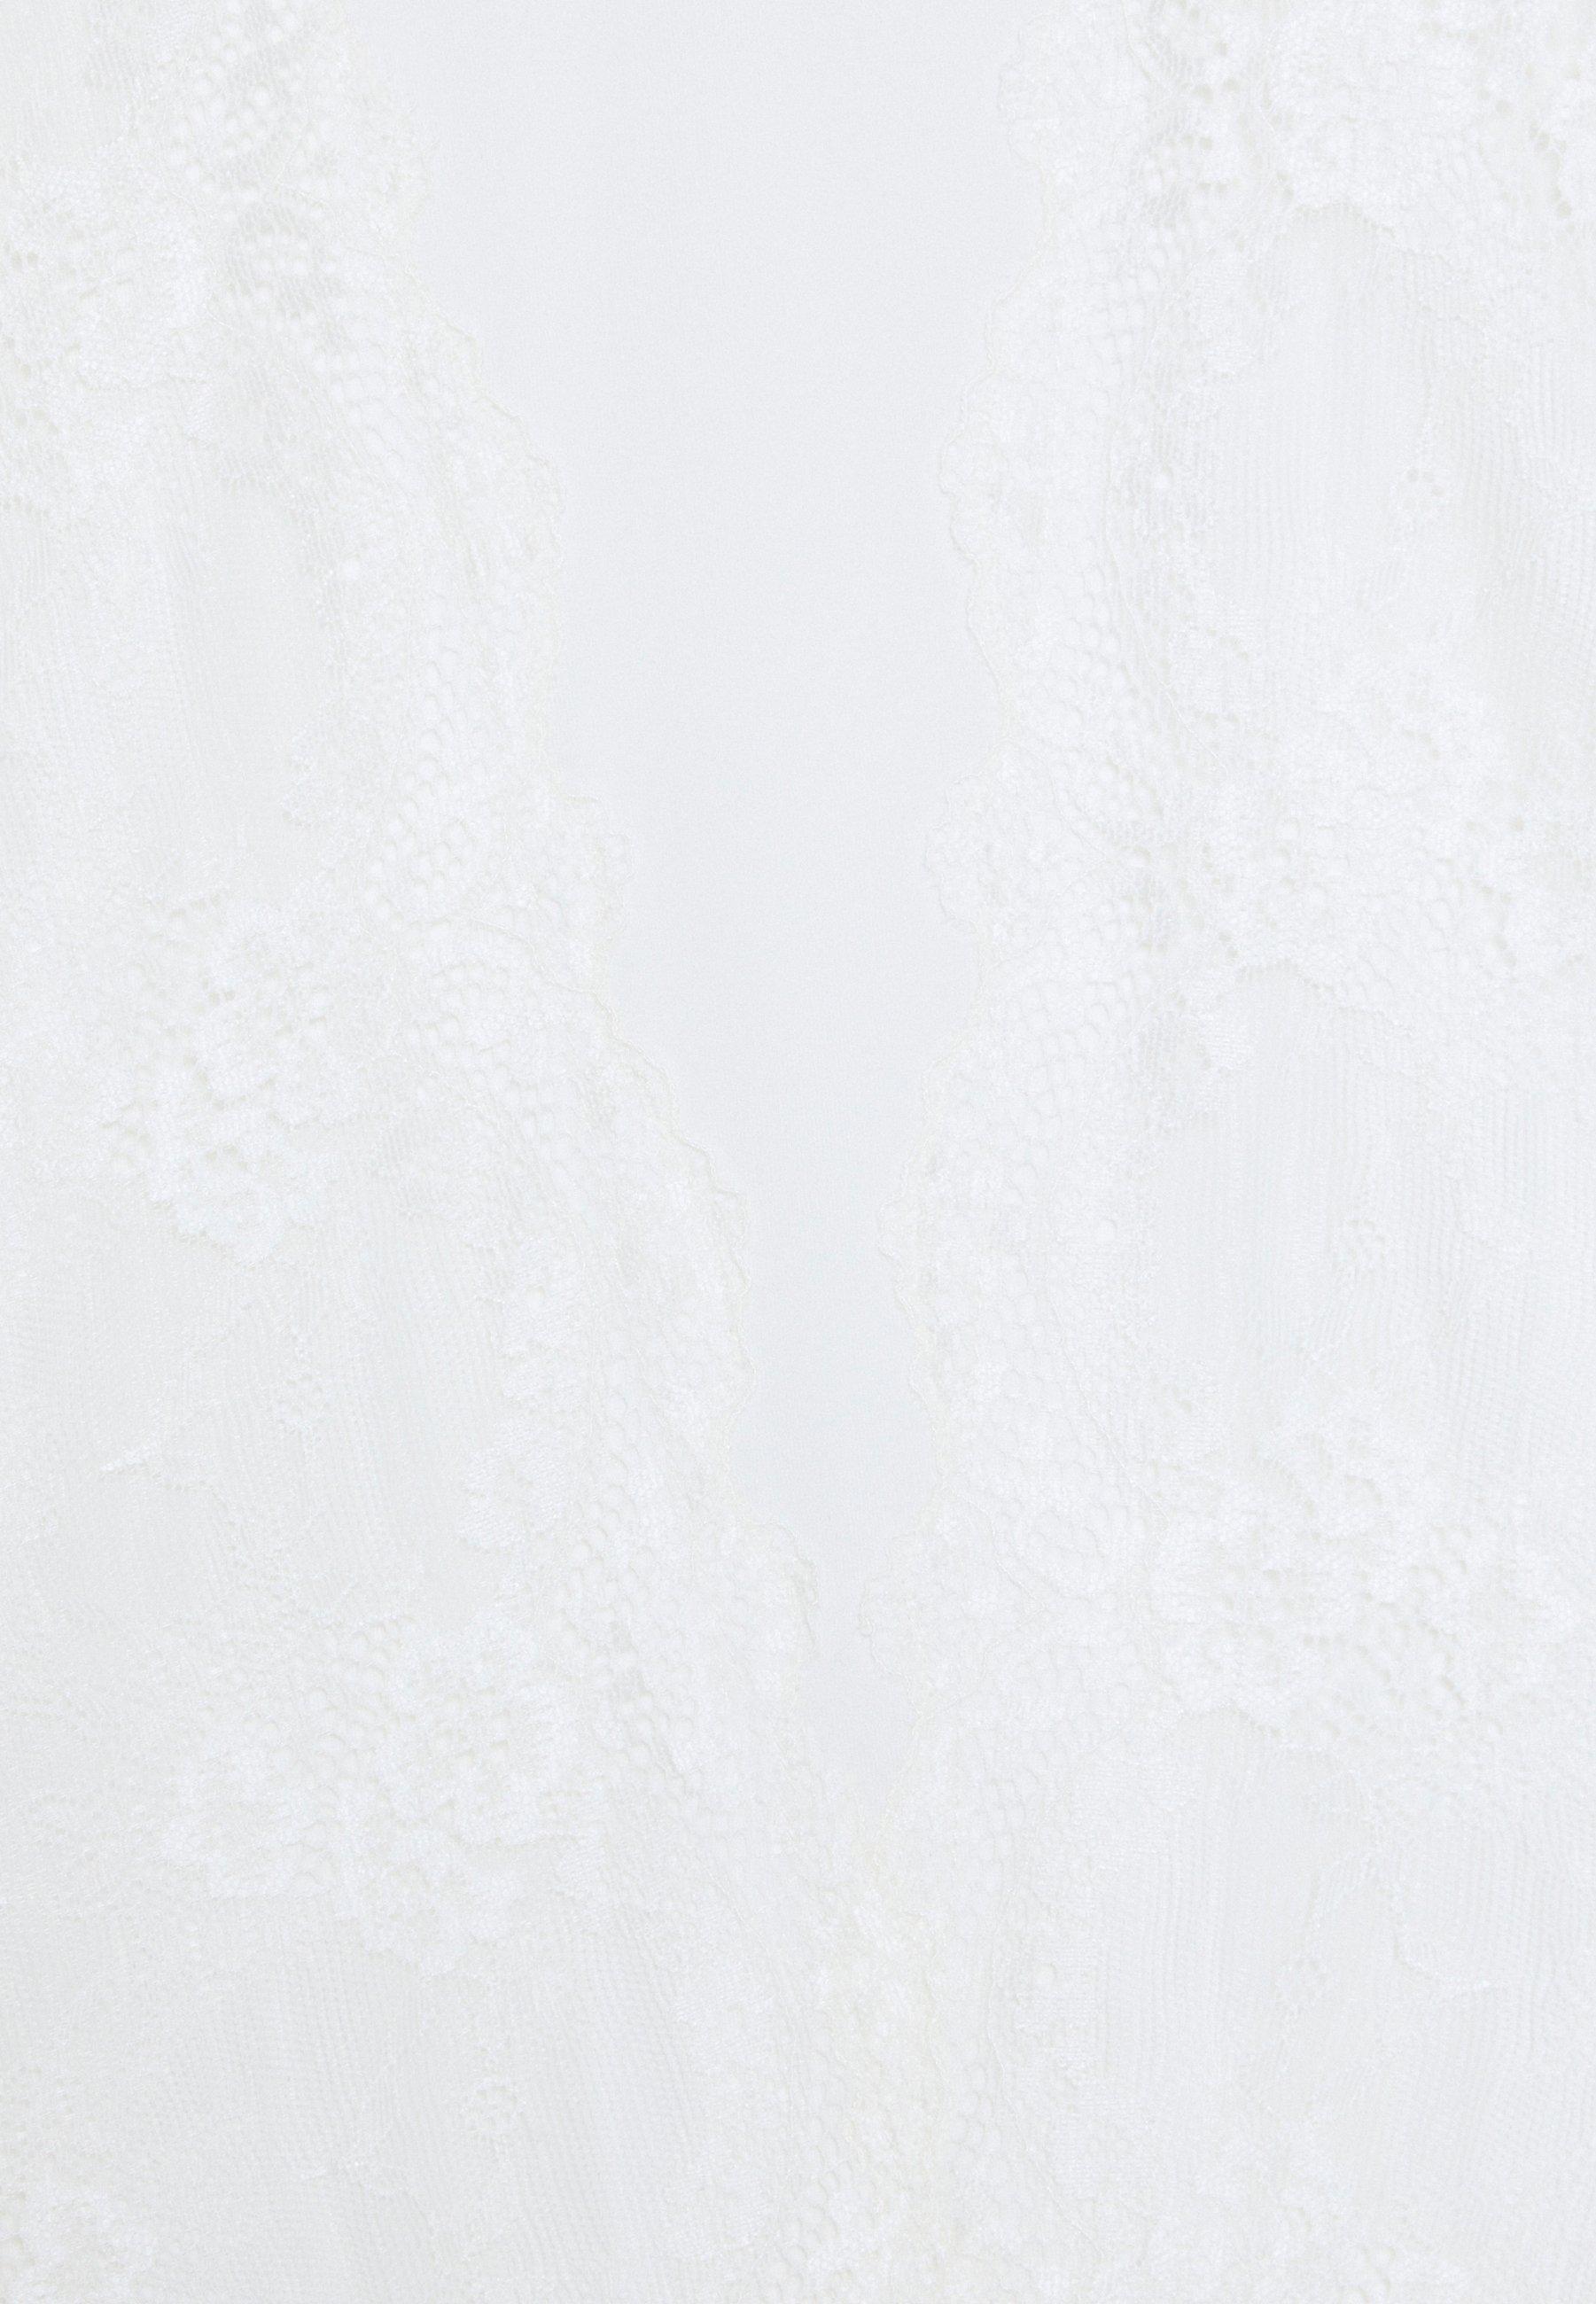 Best Selling Women's Clothing Rosemunde BODYSTOCKING Long sleeved top ivory VfJnHXMvK